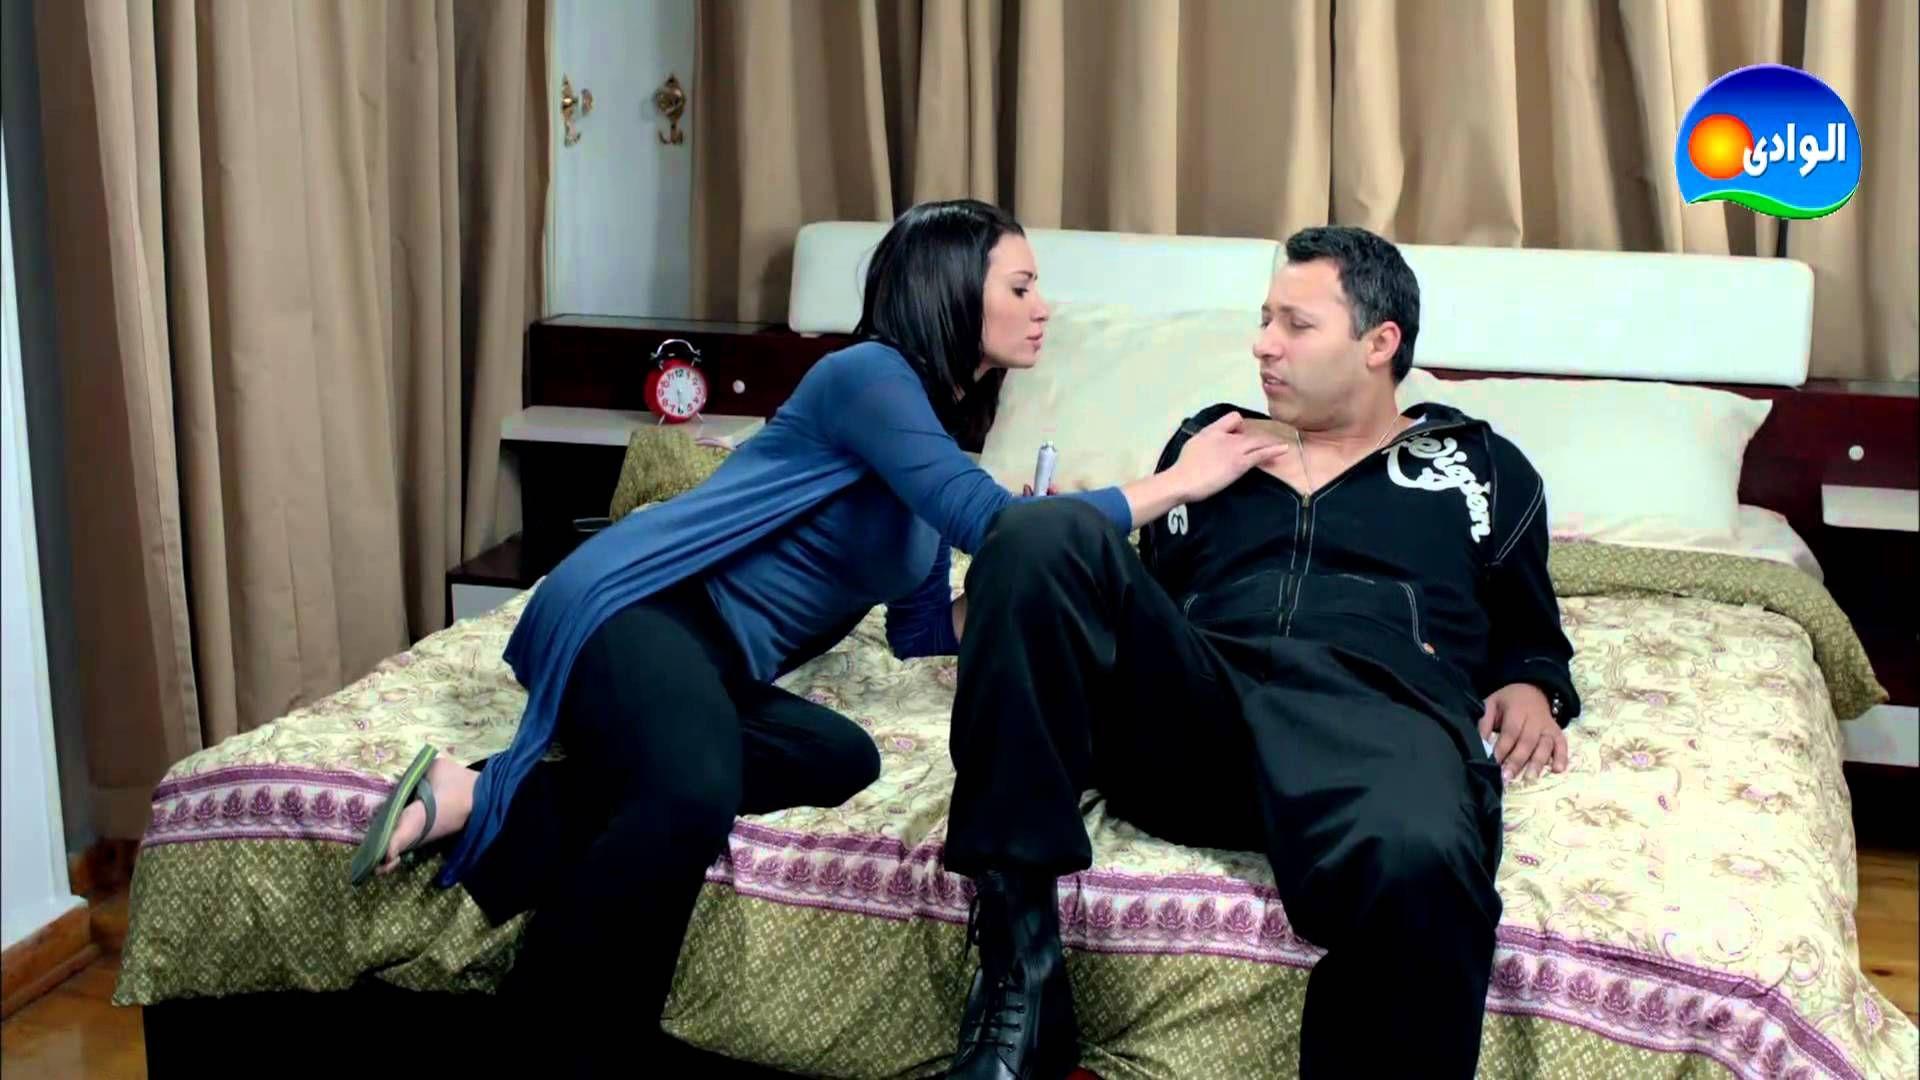 Episode 1 Khotot Hamraa Series الحلقة الأولى مسلسل خطوط حمراء Attributes